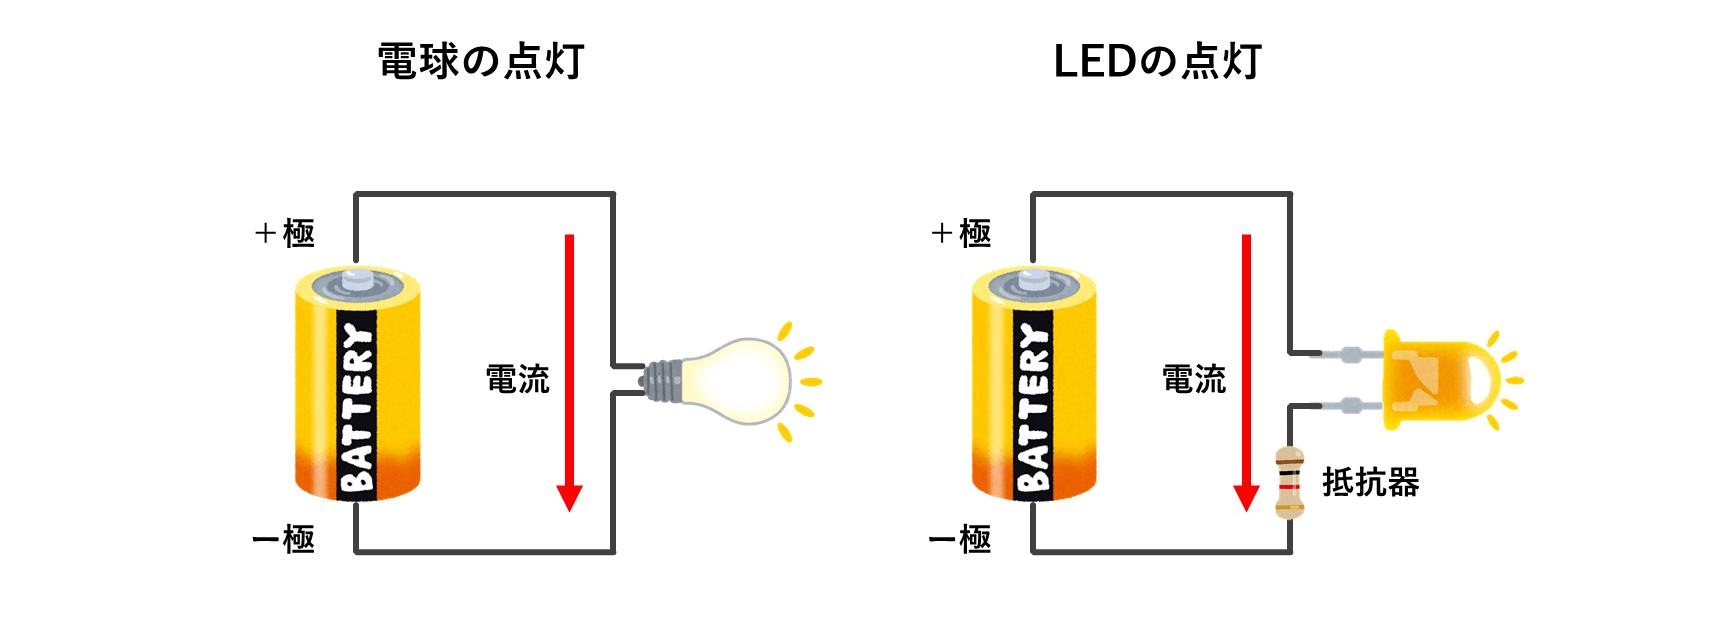 電球とLEDの点灯